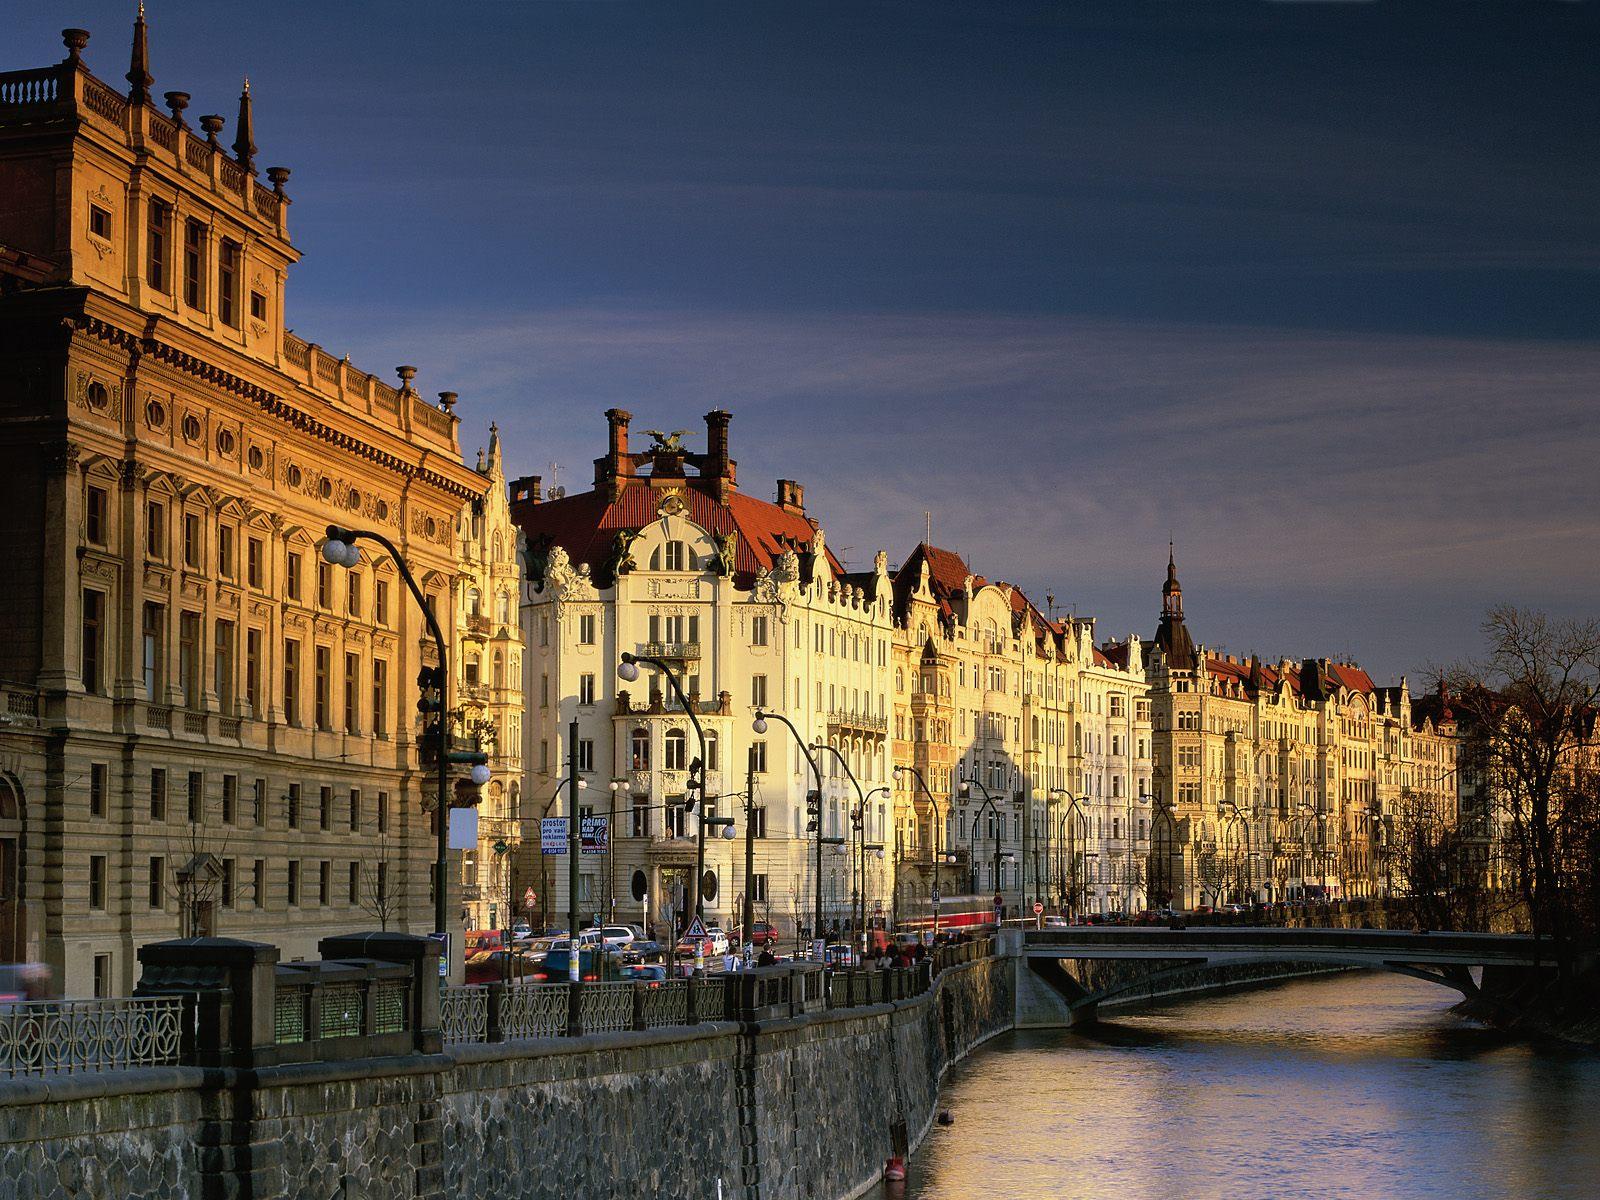 Vltava River Czech Republic Wallpapers HD Wallpapers 1600x1200